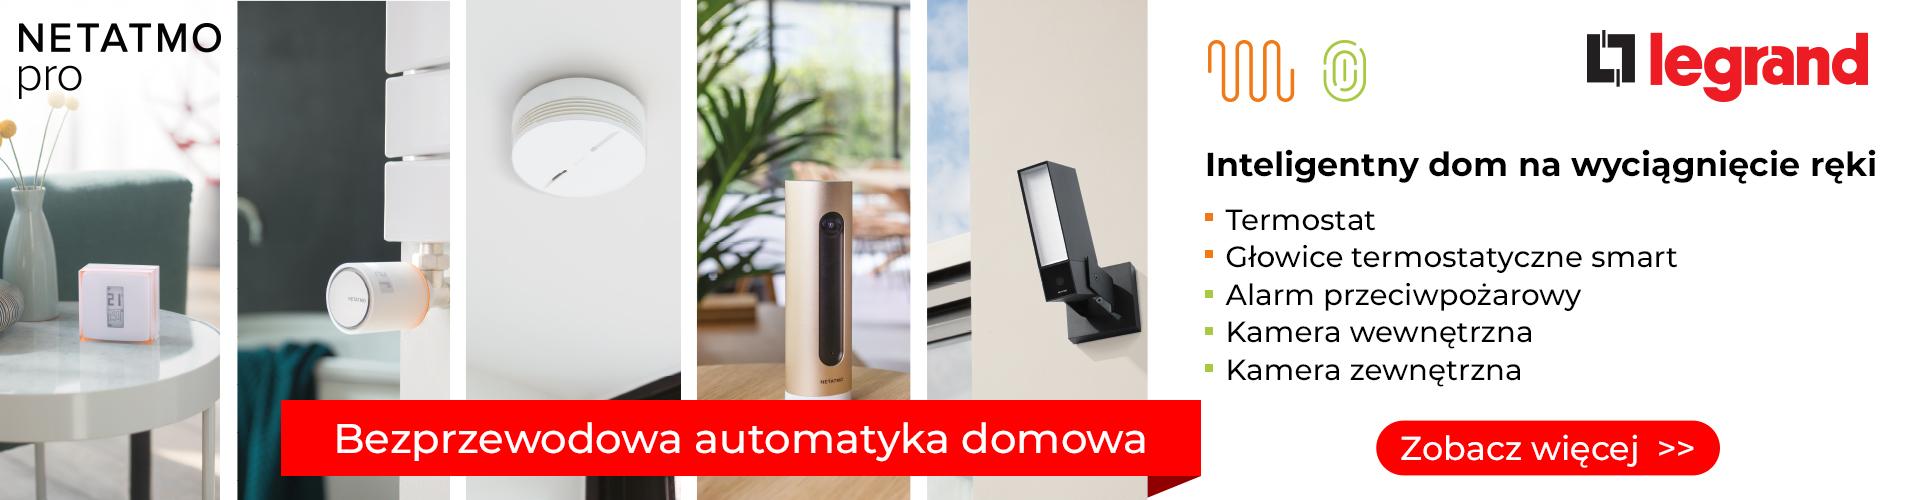 NETAMTO - bezprzewodowa automatyka domowa